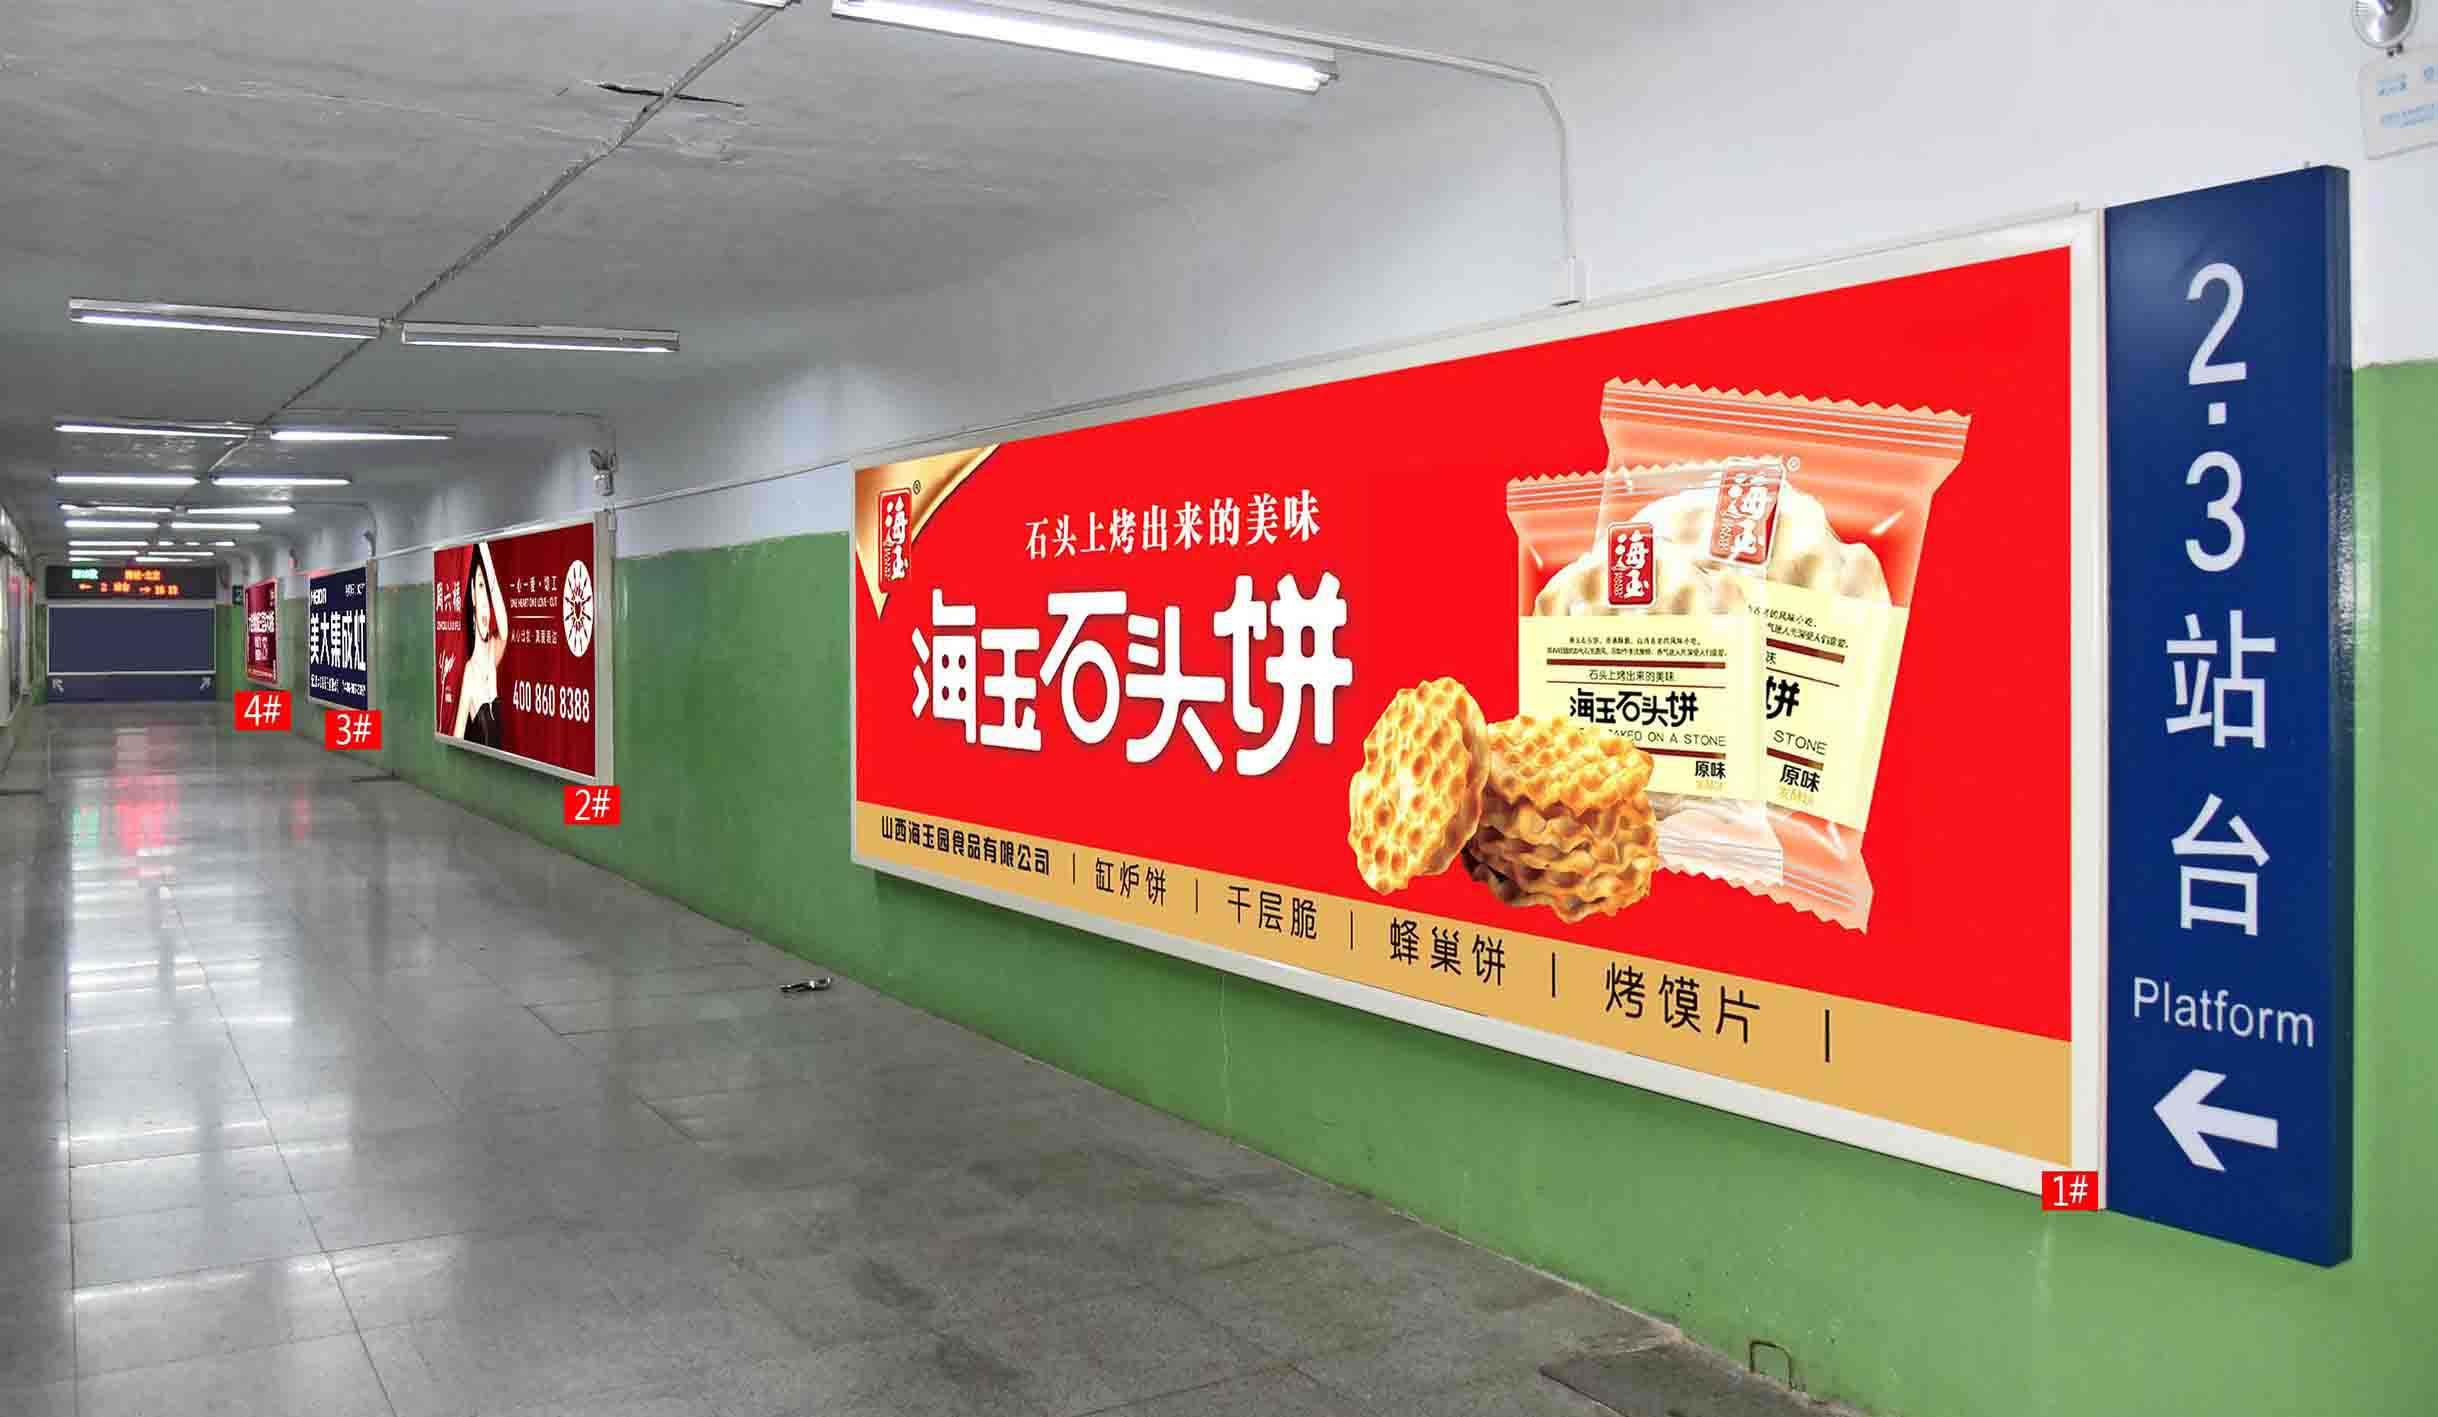 侯马火车站地下通道灯箱广告1#、2#、3#、4#